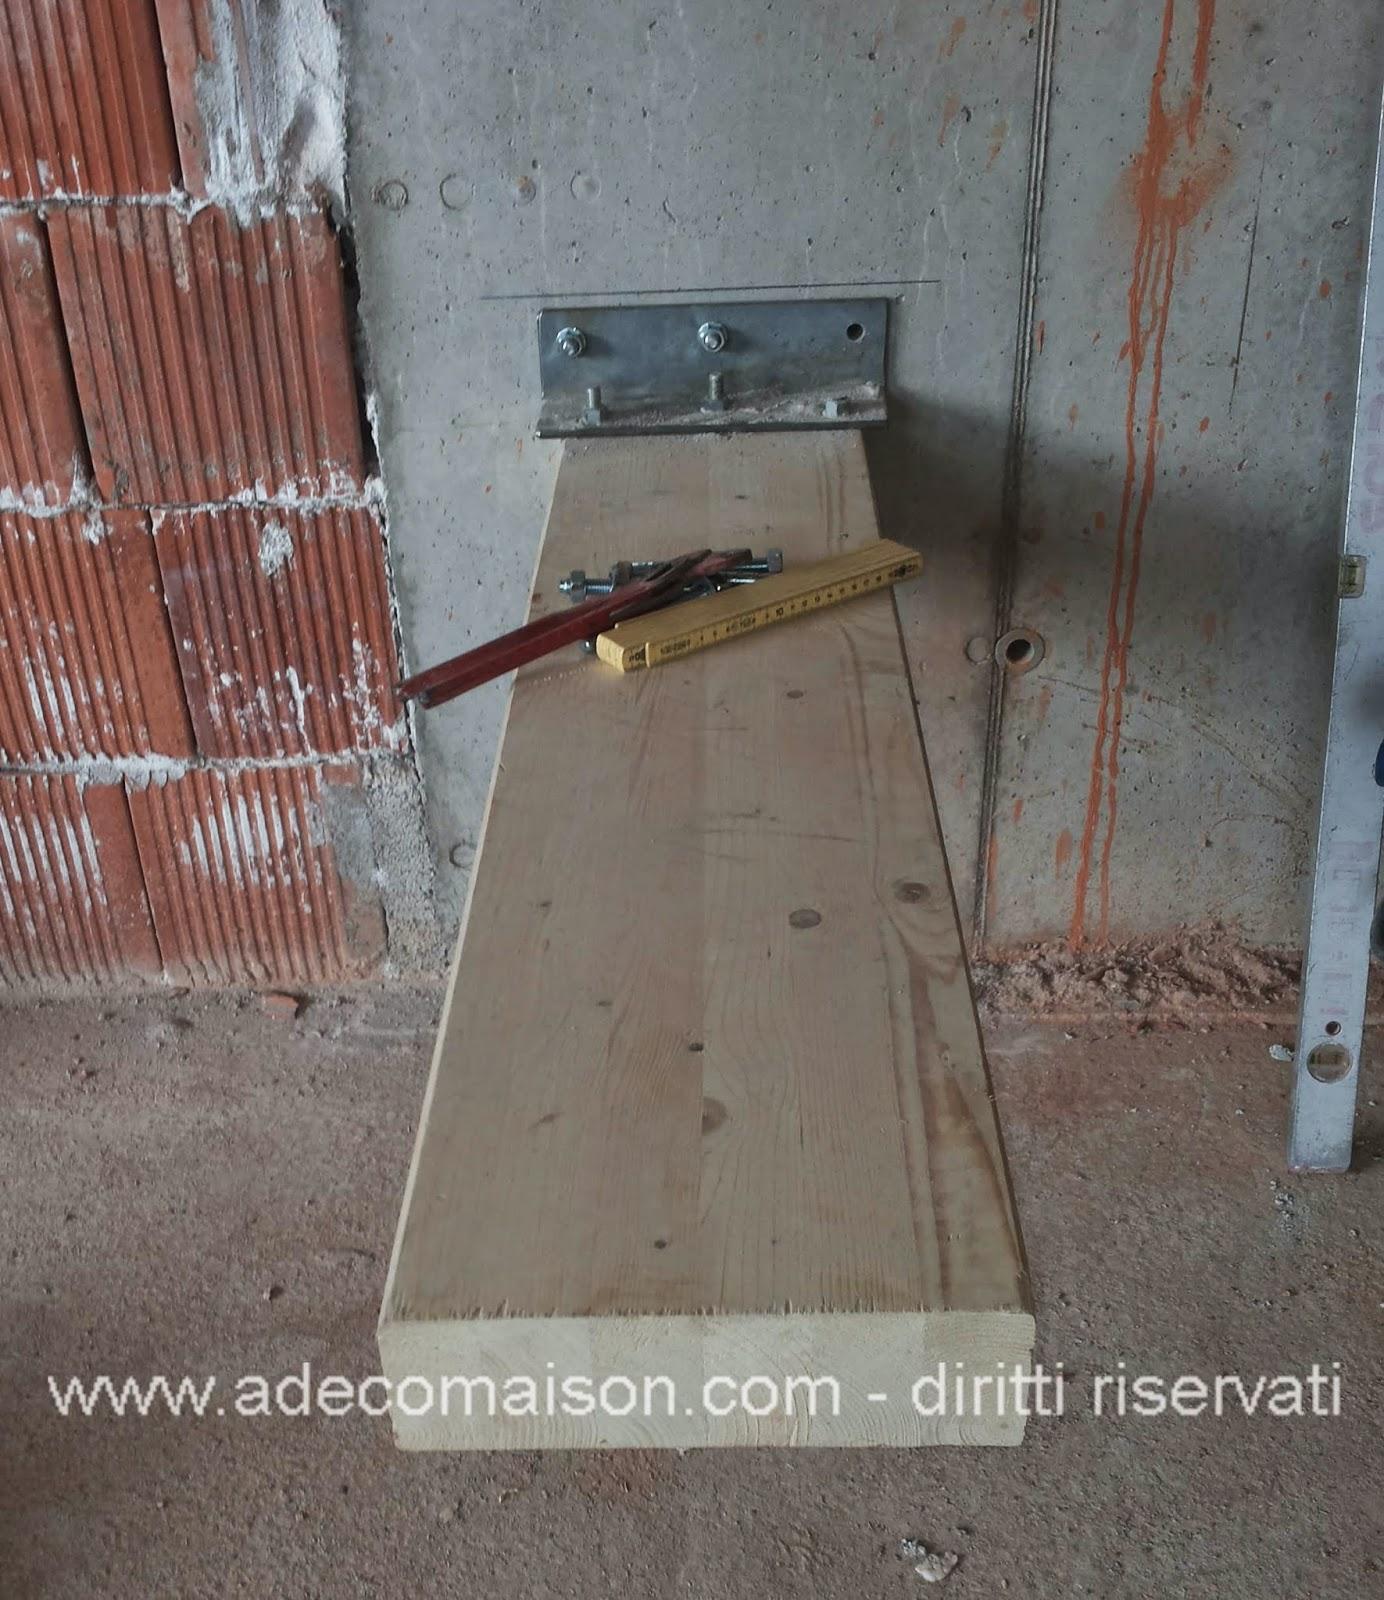 Adecomaison soluzioni per scala e vasca da bagno - Scala per bagno ...